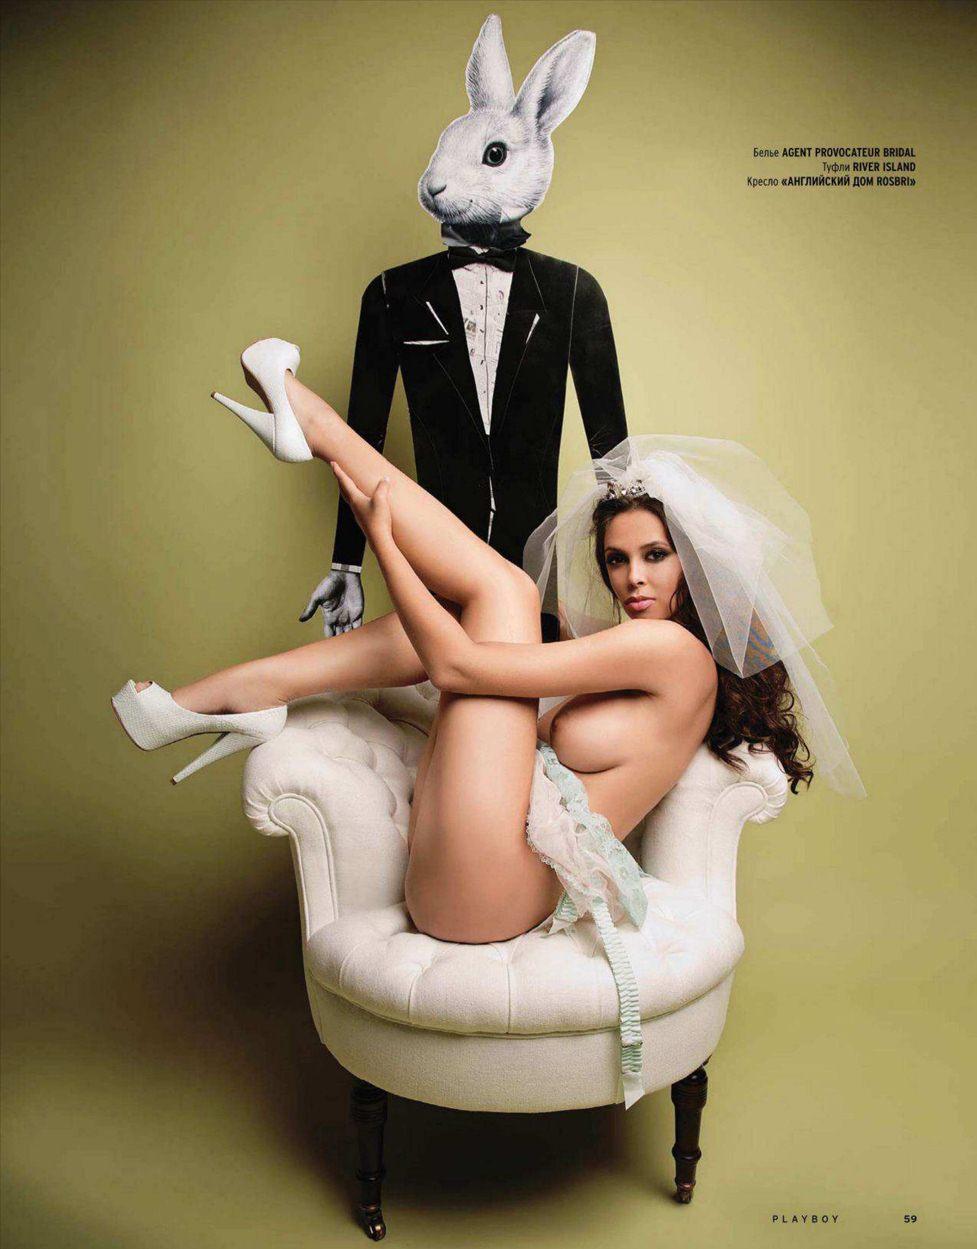 Anastasia Novodran / Девушка года Анастасия Новодран в Playboy Russia в июле 2011